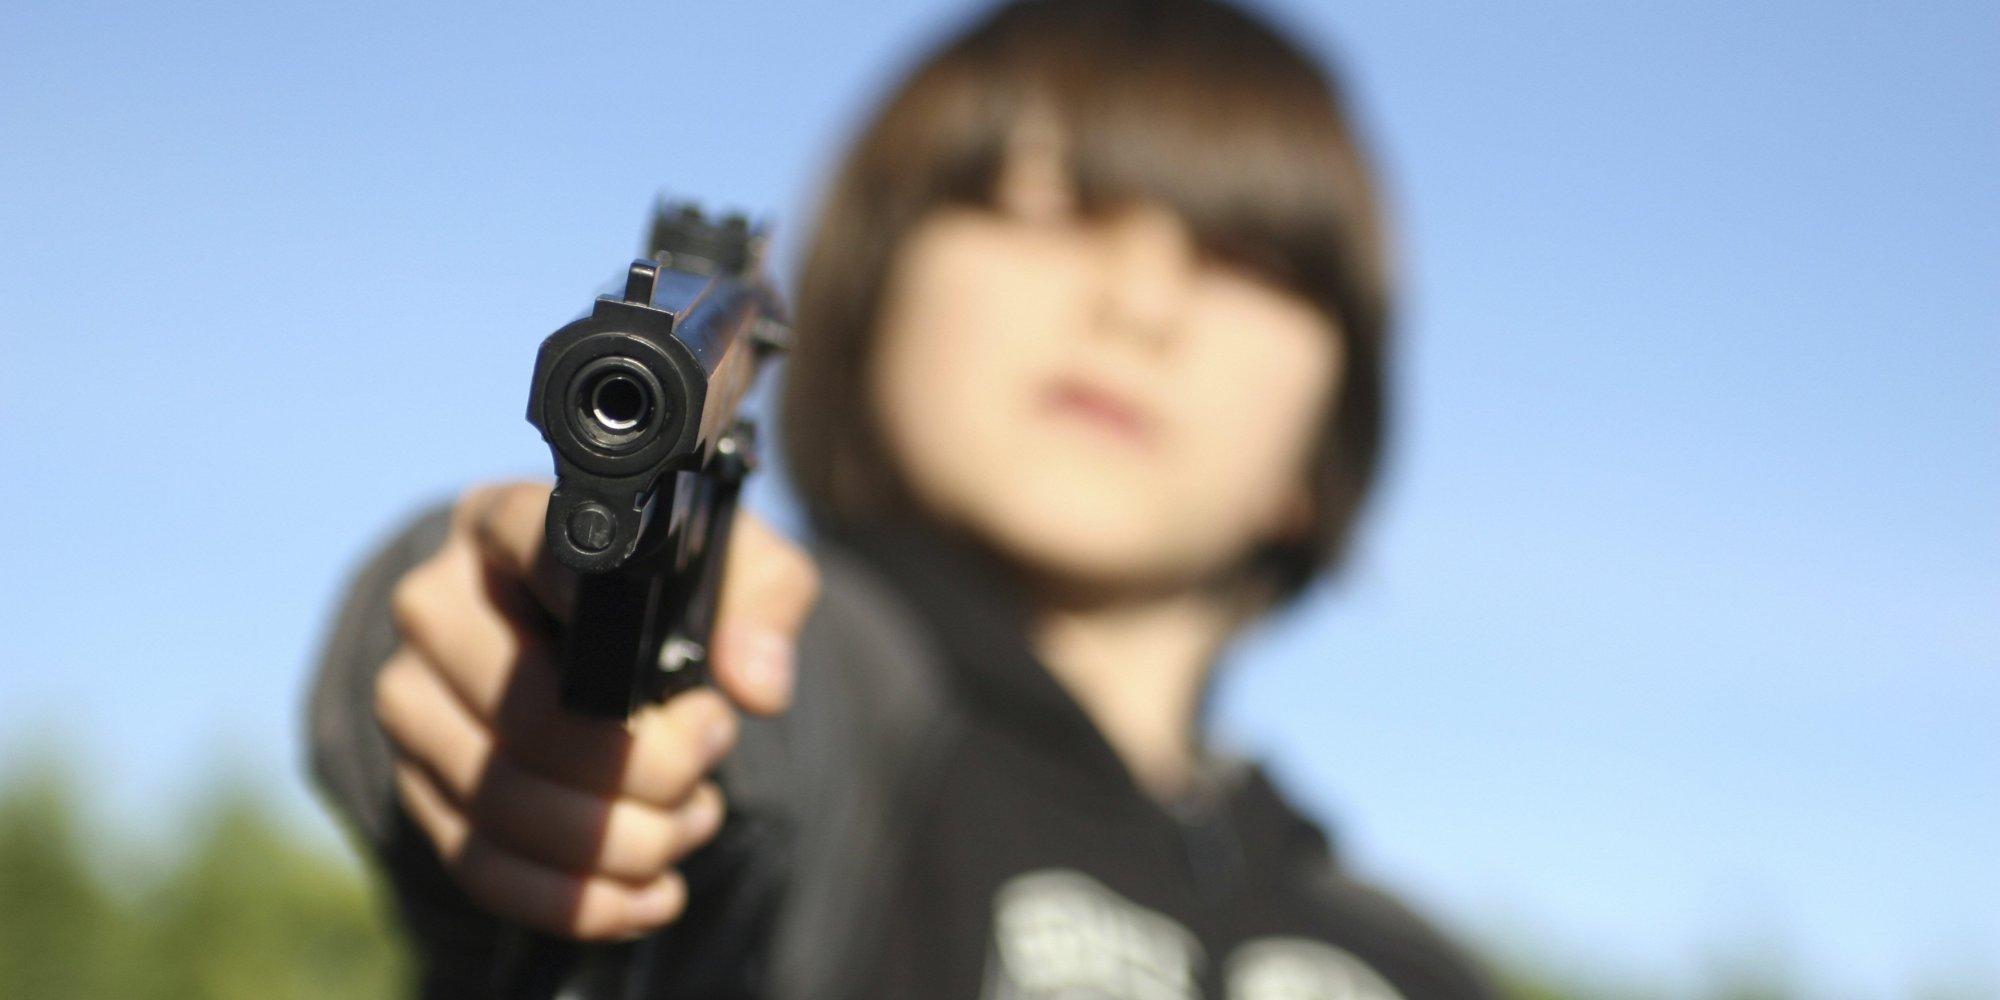 Kid with gun